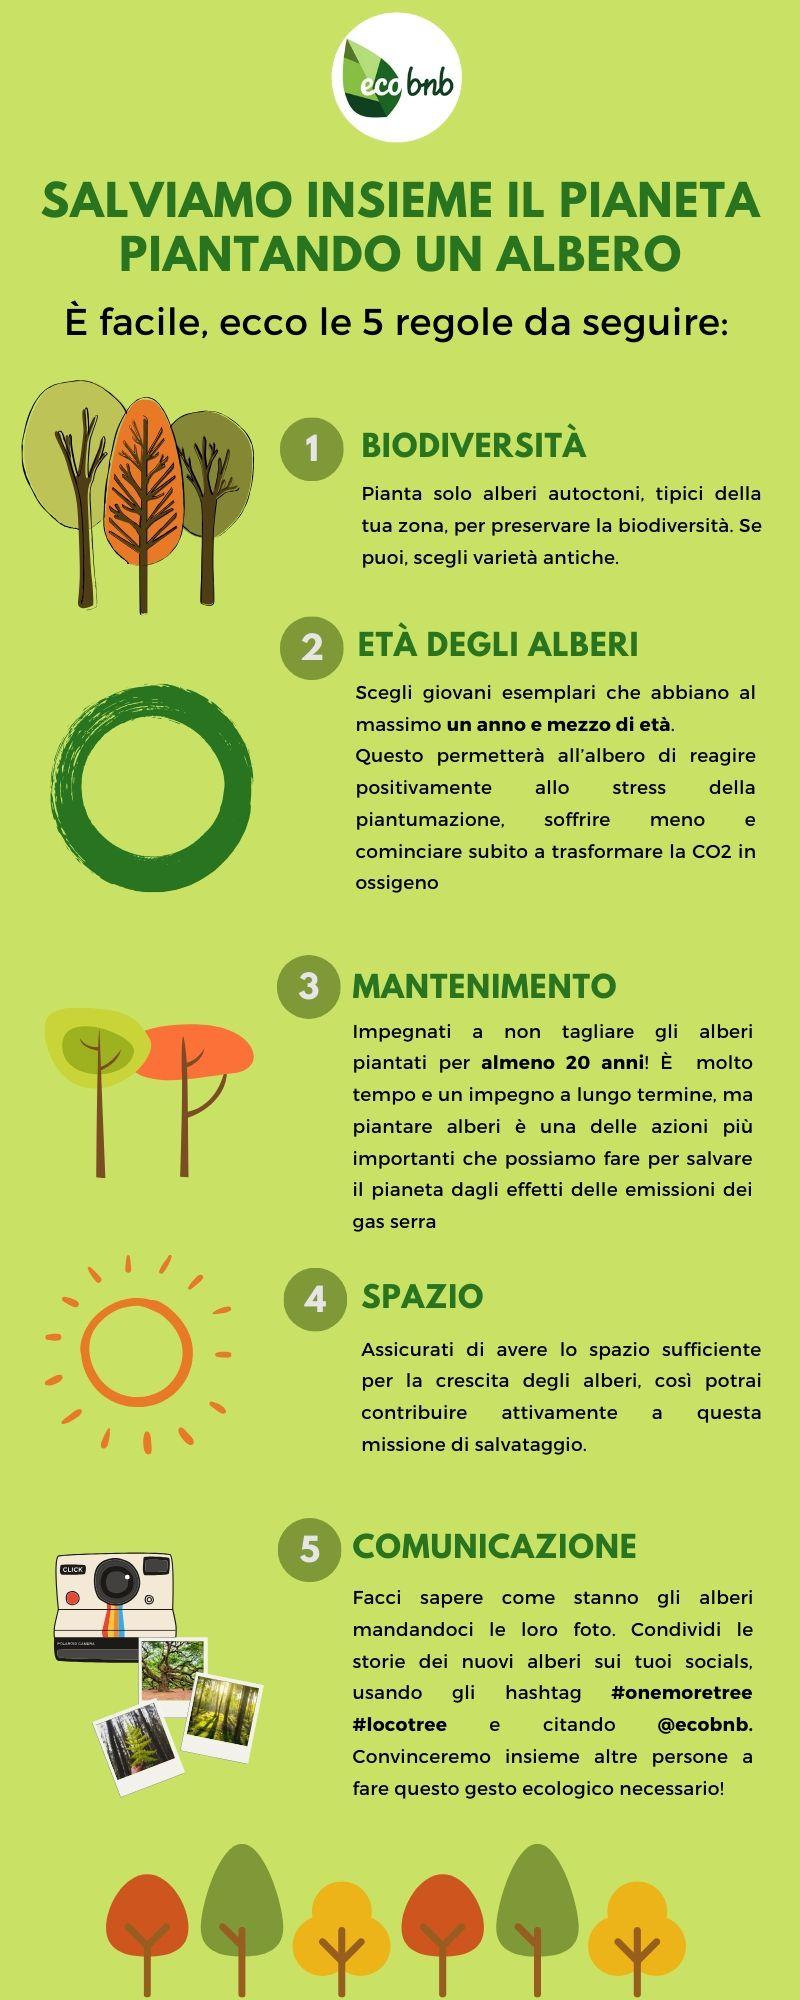 5 regole per piantare alberi con ecobnb